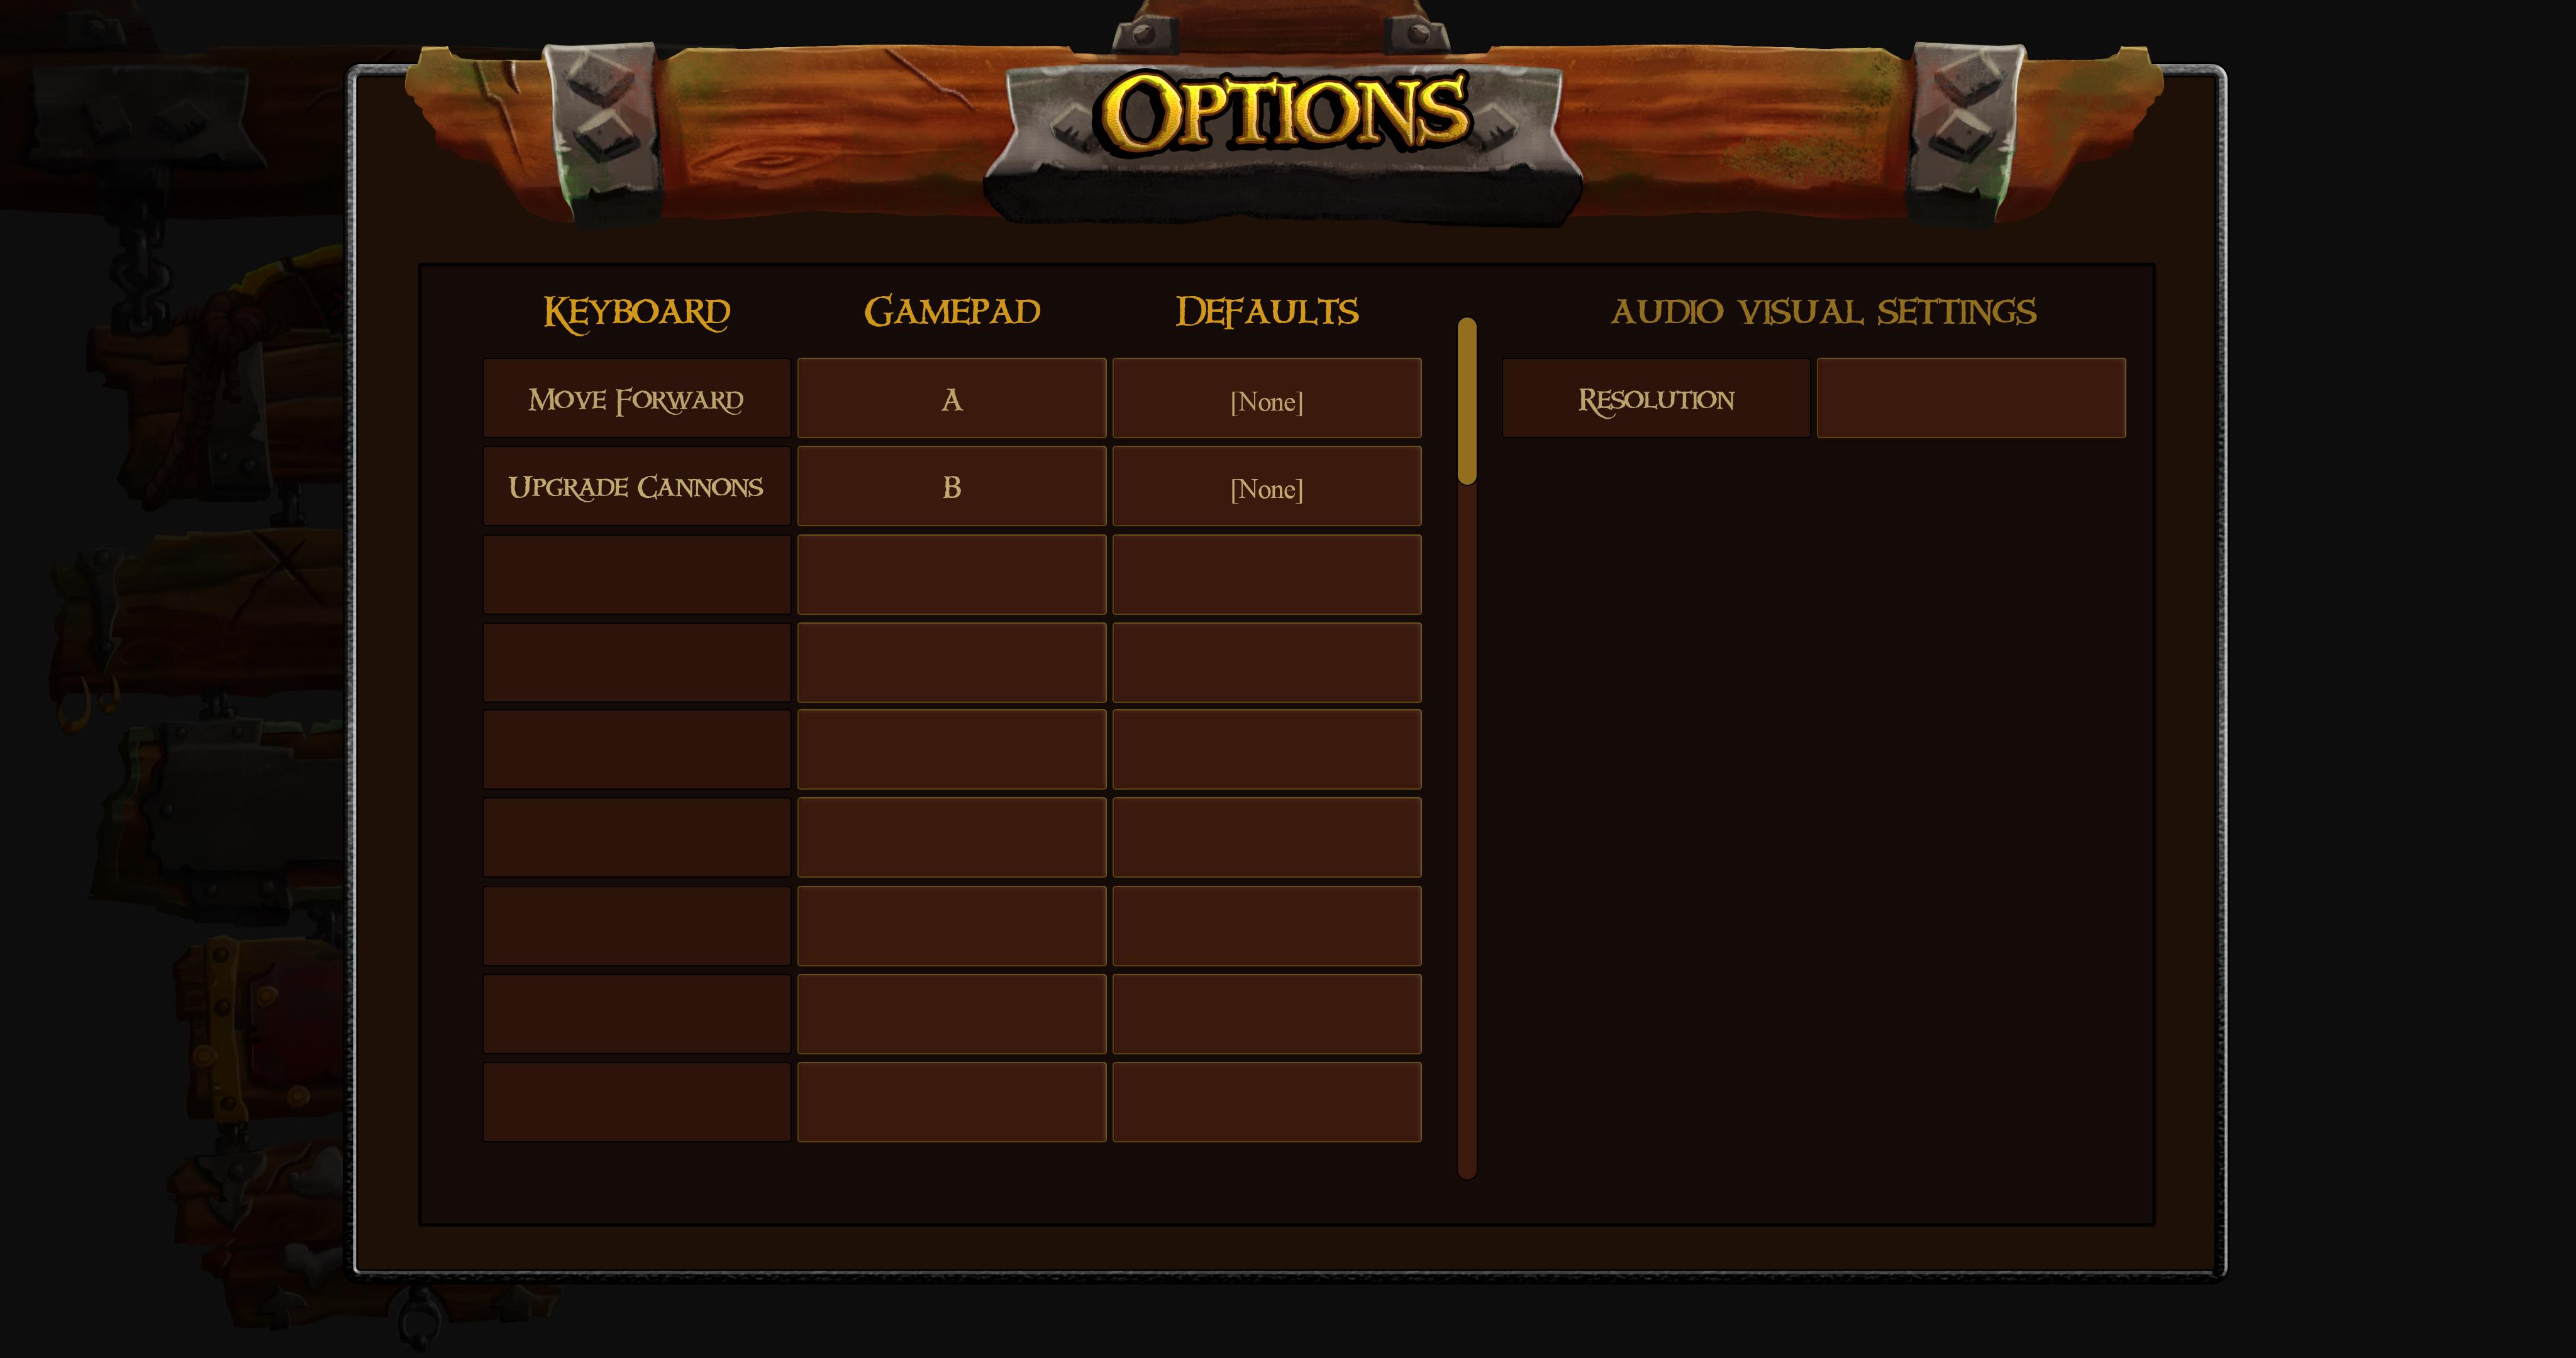 OptionsScreenWIP